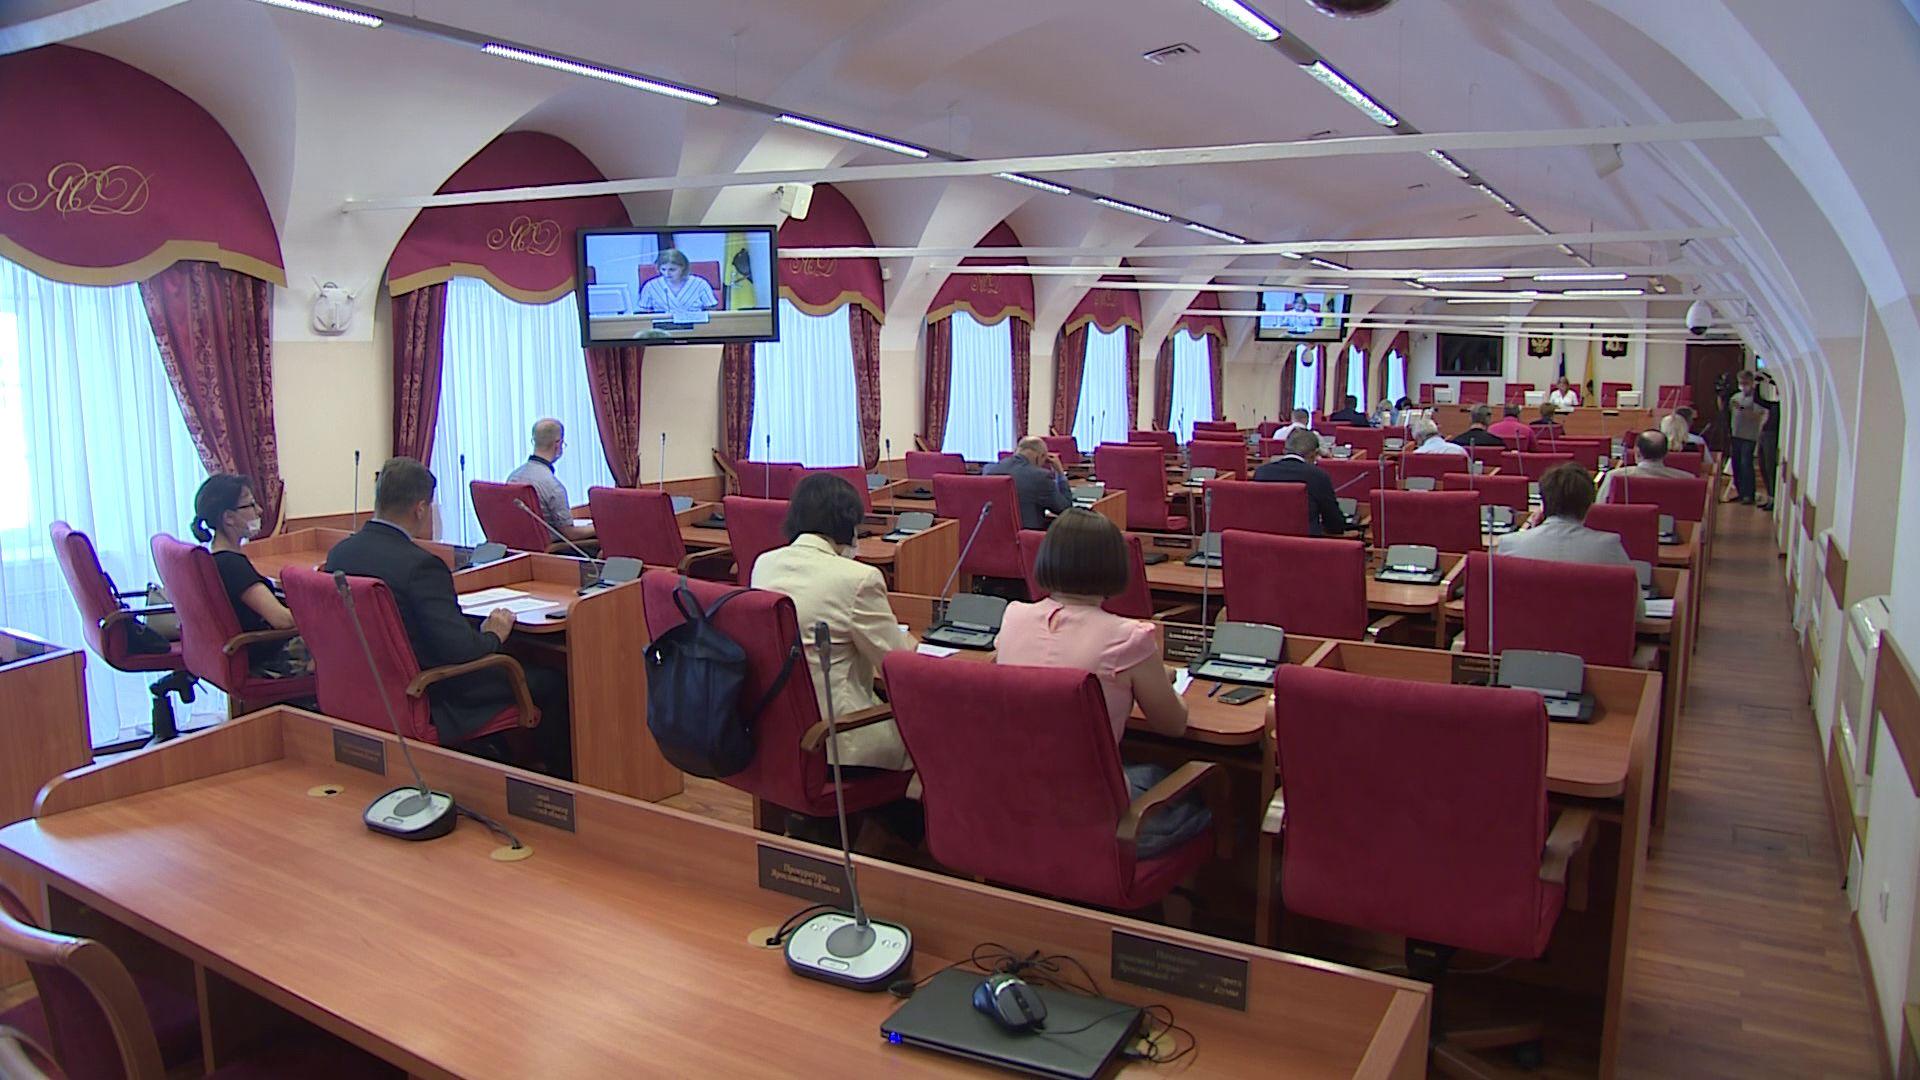 В Ярославской области появятся школьные автобусы, которые будут возить детей из поселков Красный Бор, Заволжье, Лесная поляна и Красный Волгарь